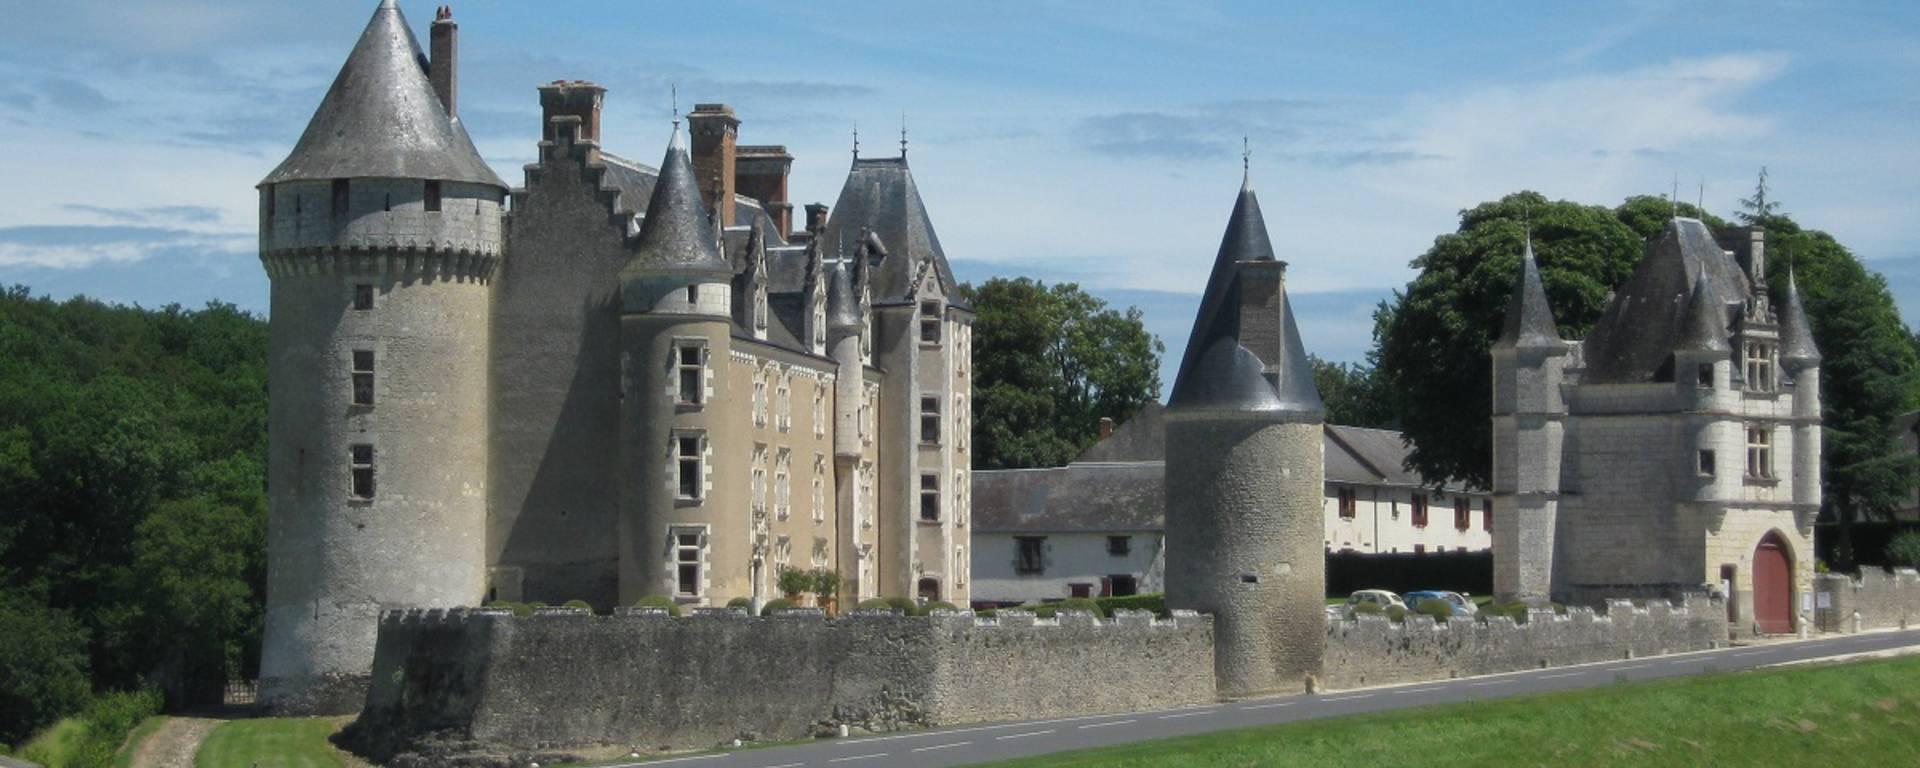 Il castello di Montpoupon © OTBC